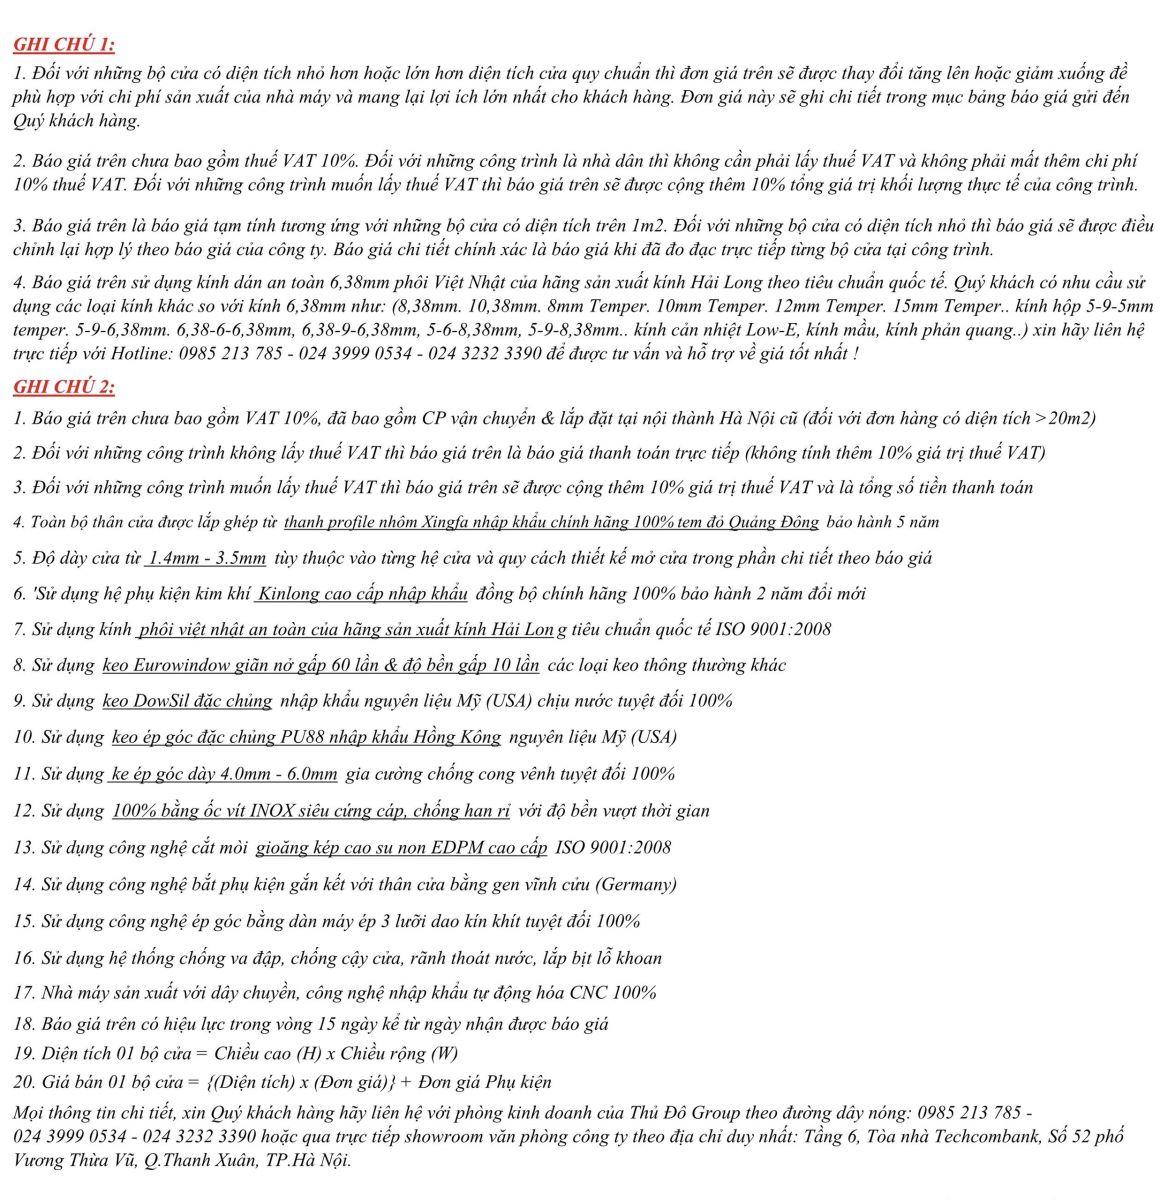 Những giải đáp về cửa nhôm Xingfa nhập khẩu chính hãng - 2